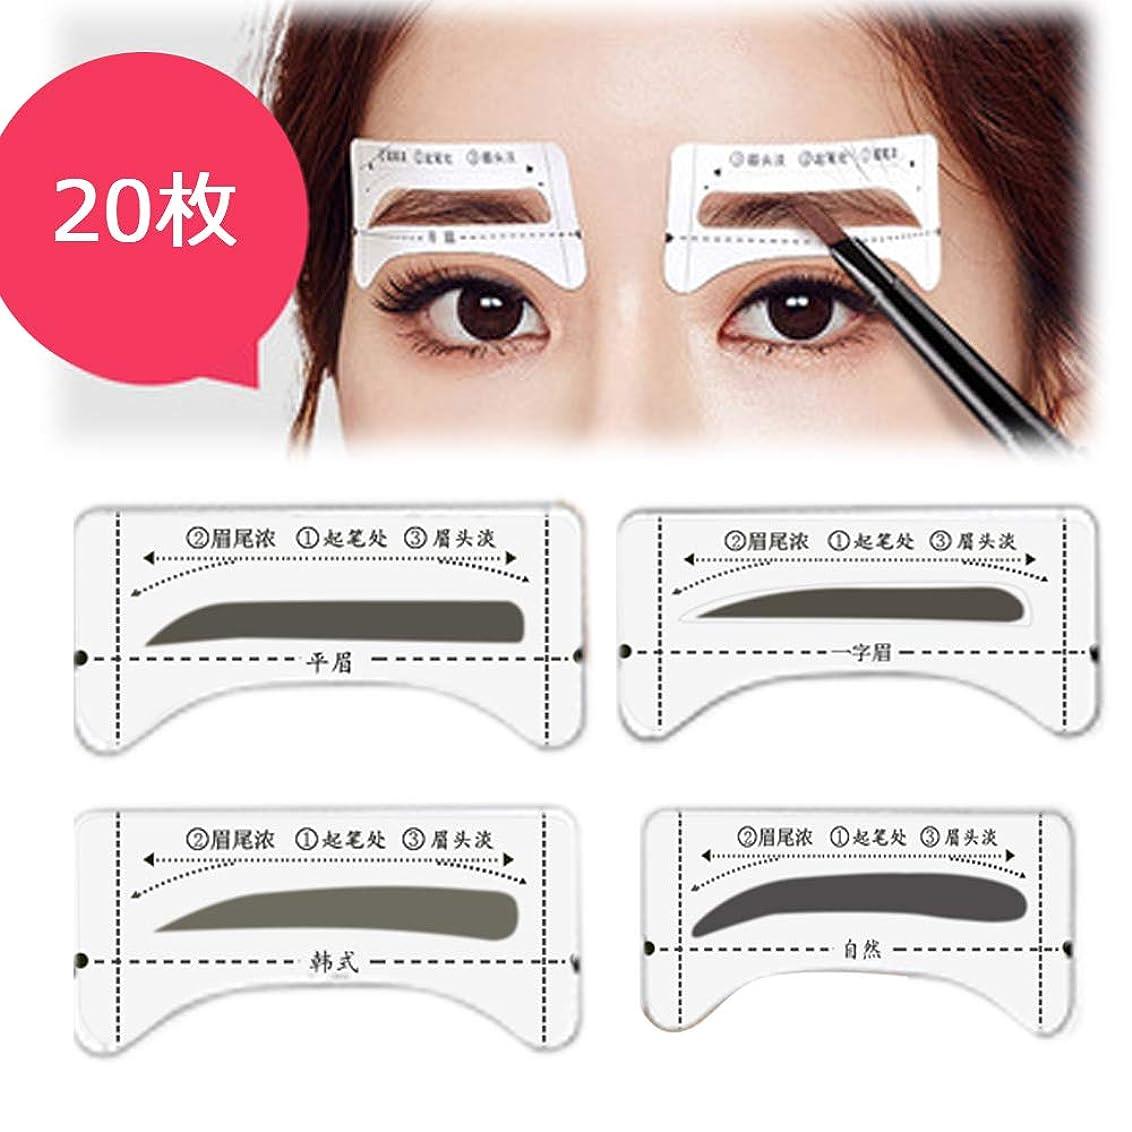 慢などこ四眉テンプレート 眉毛 4種20枚(韓国風、一言眉、自然、平らな眉毛)片手使用する